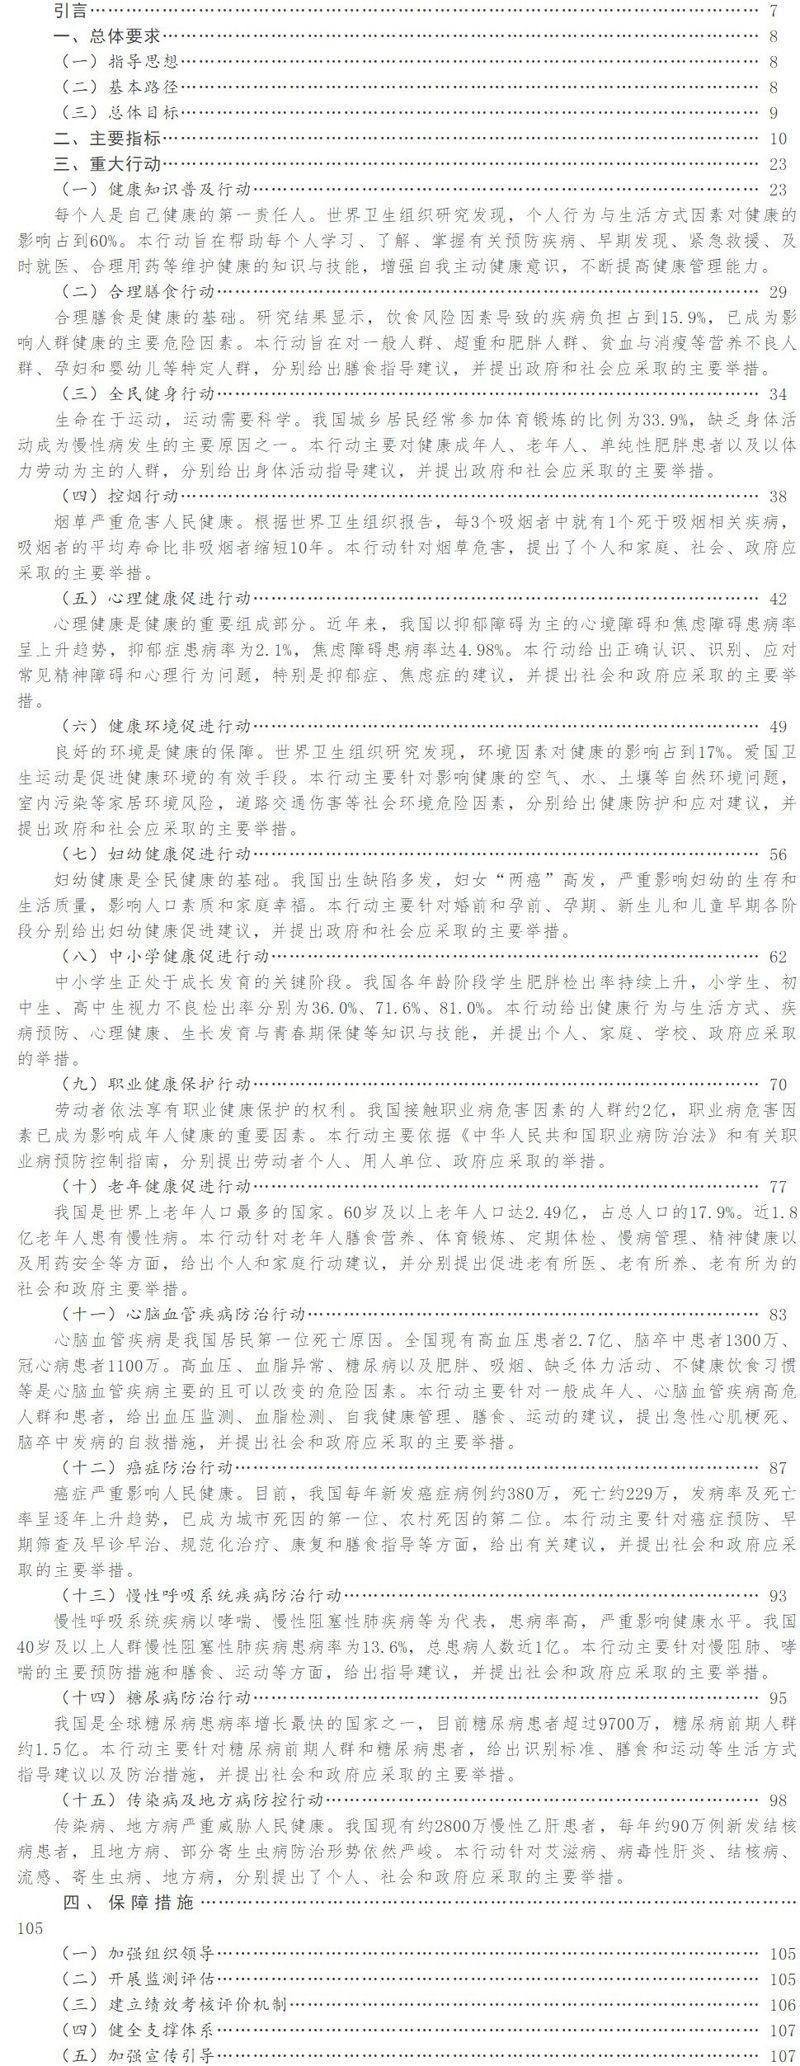 健康中国行动(2019